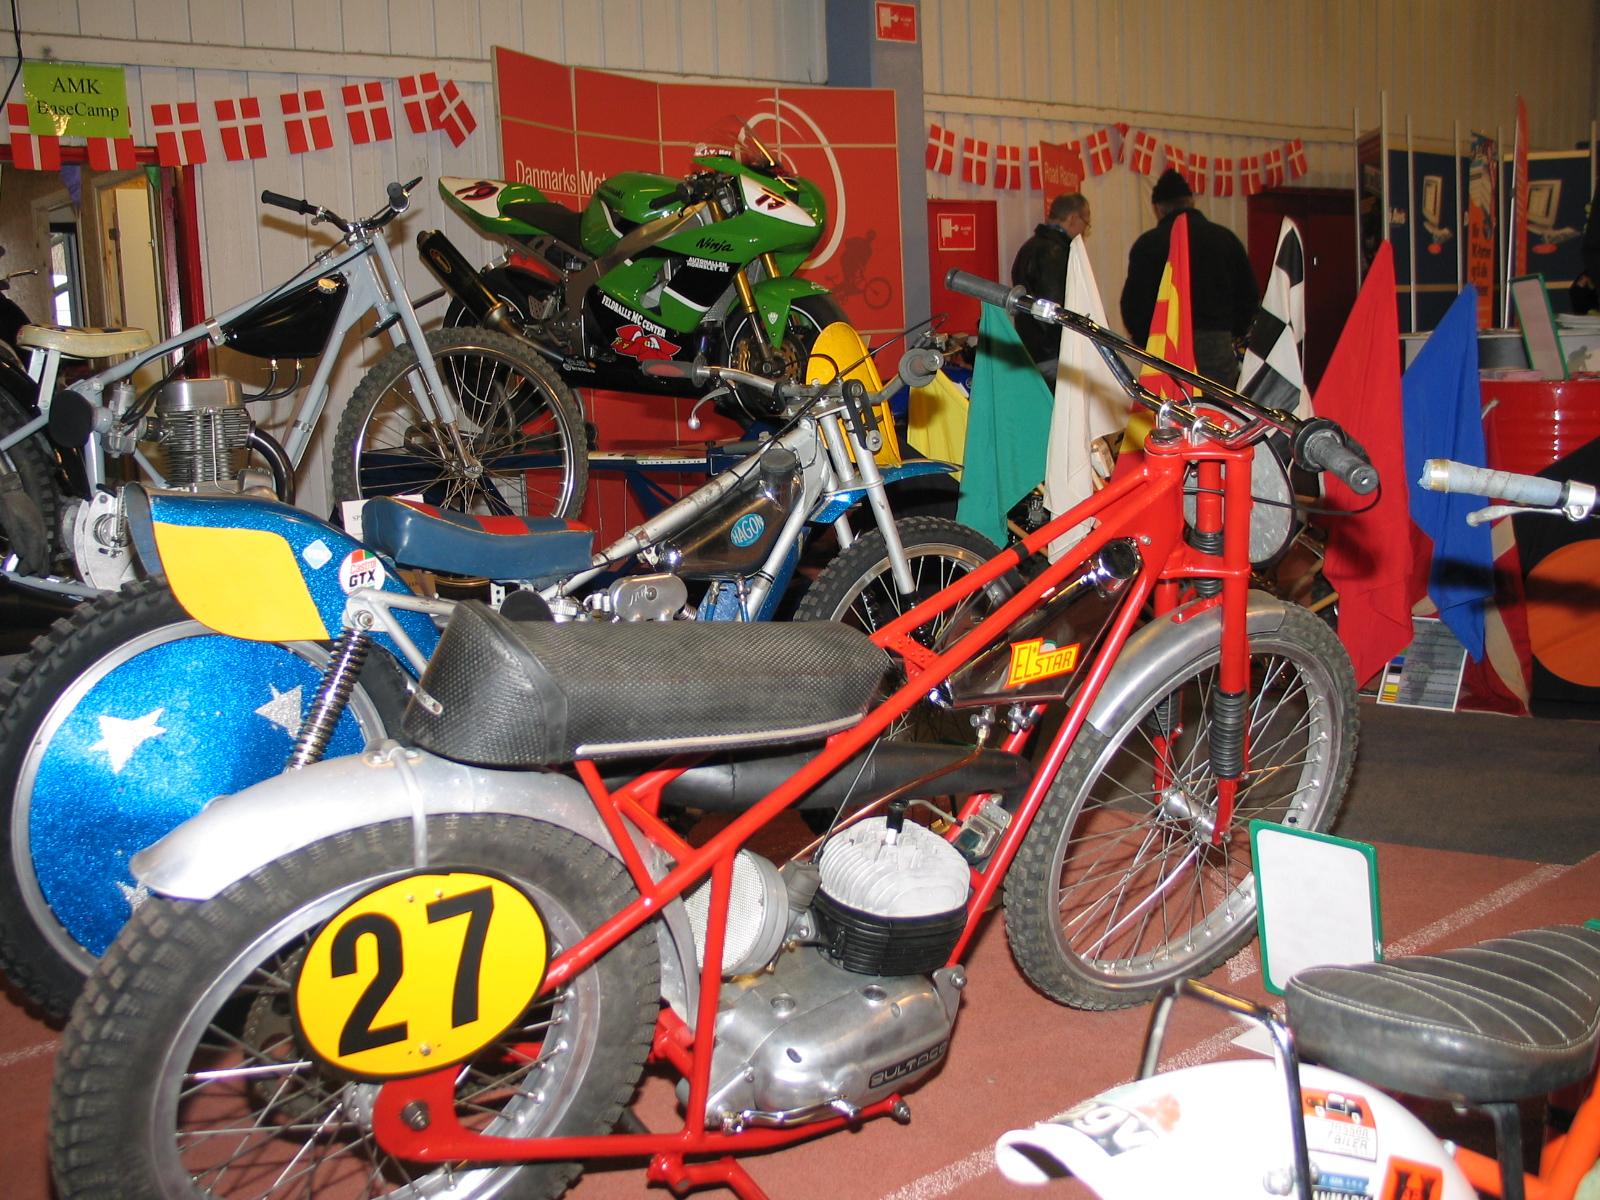 Lars Pedersens Bultaco havde fået en upshining til udstillingen.